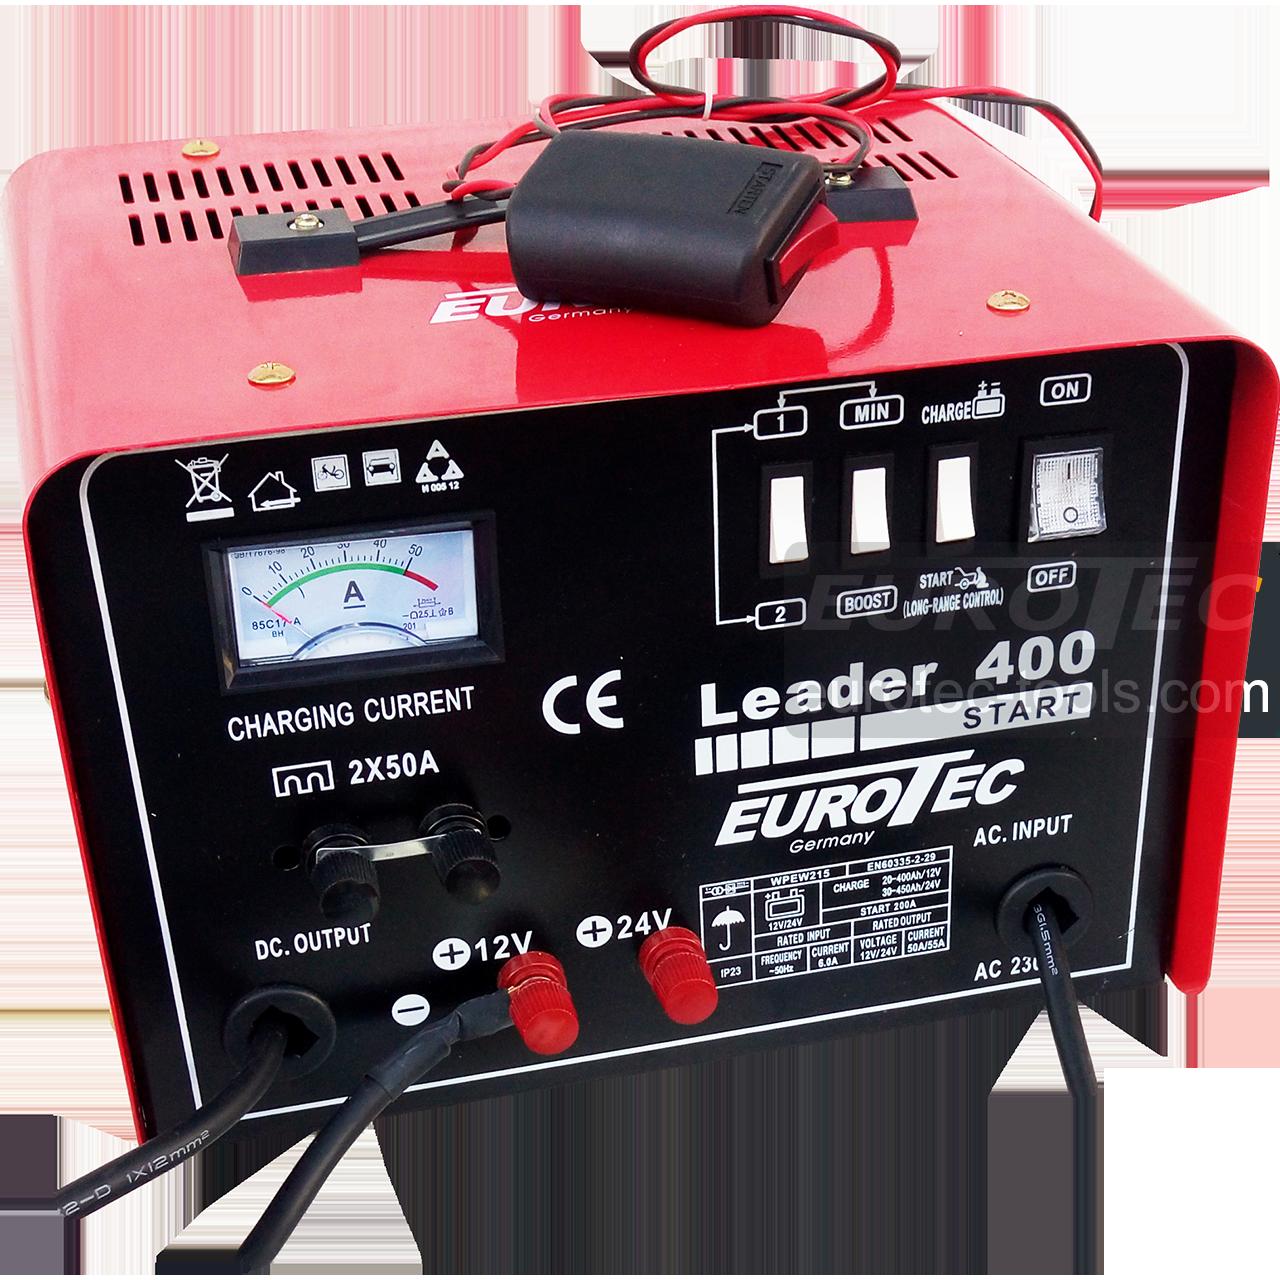 Пуско-зарядний пристрій 200 А для акумулятора авто, швидка зарядка Boost, 12/24 В, 50/55 А, Eurotec EW 215